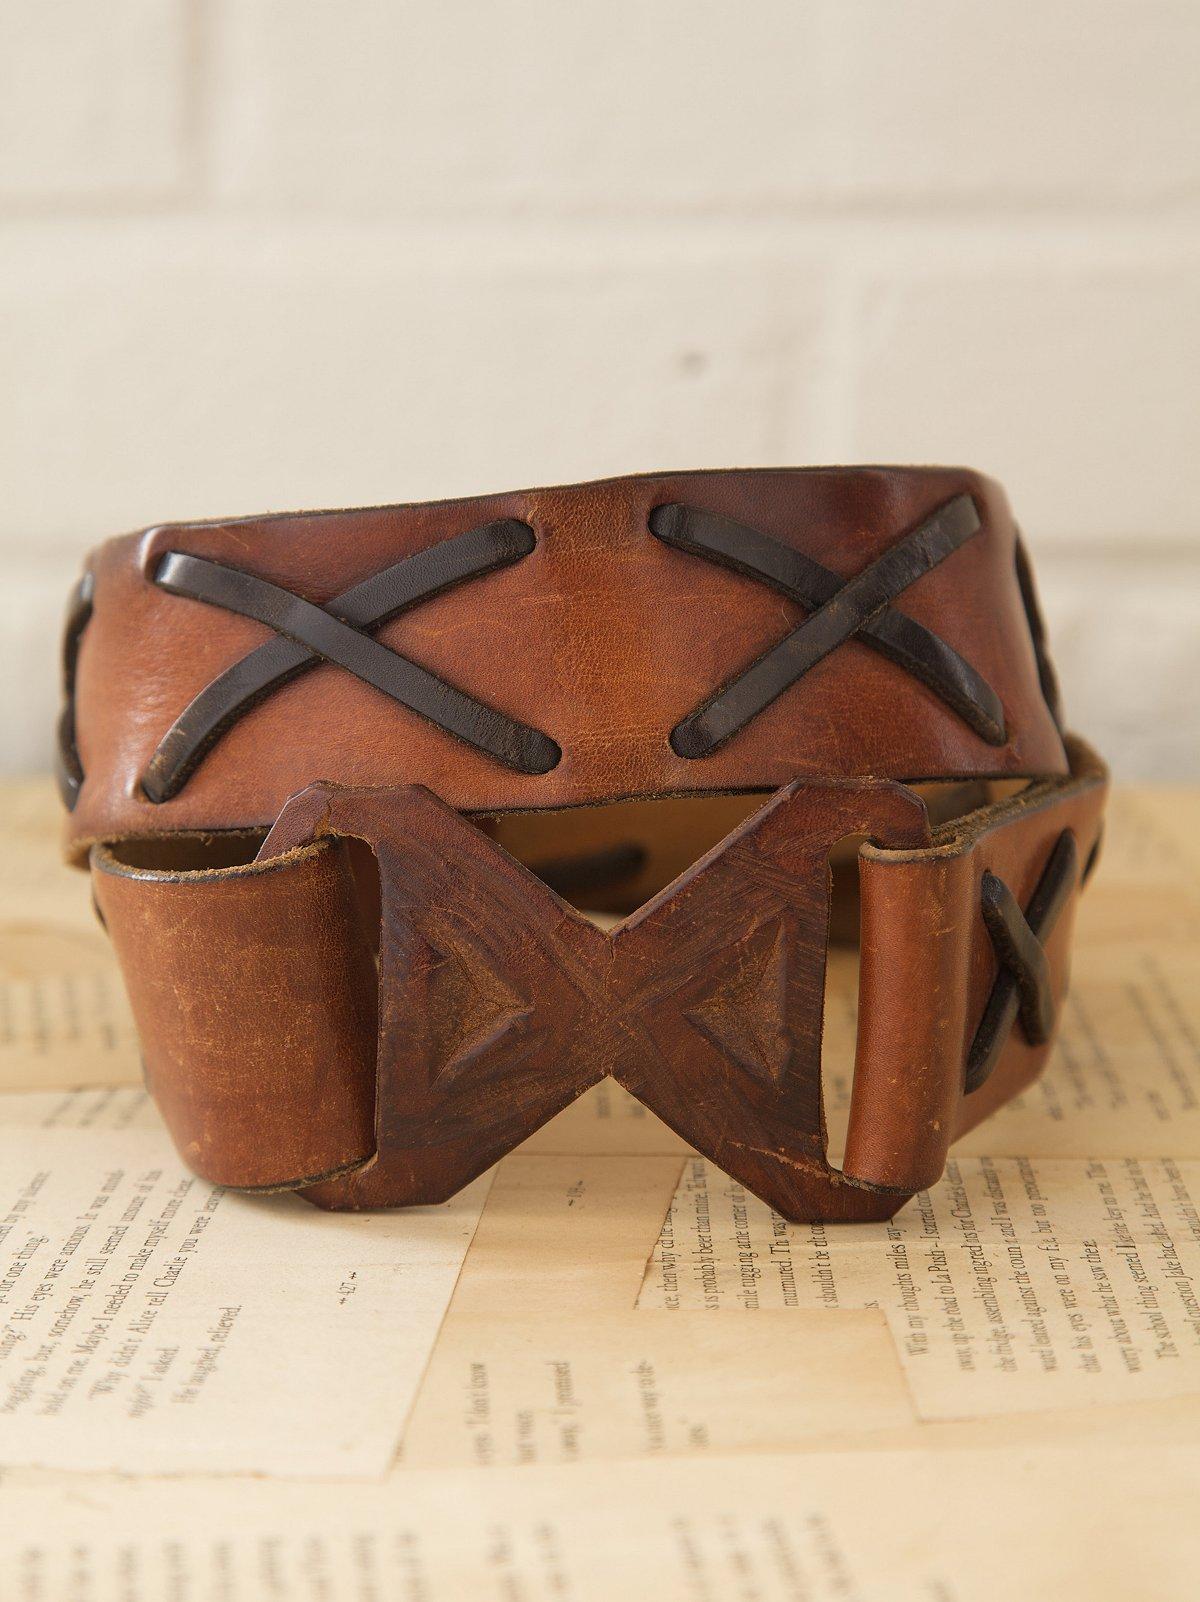 Vintage Leather X-Weave Belt